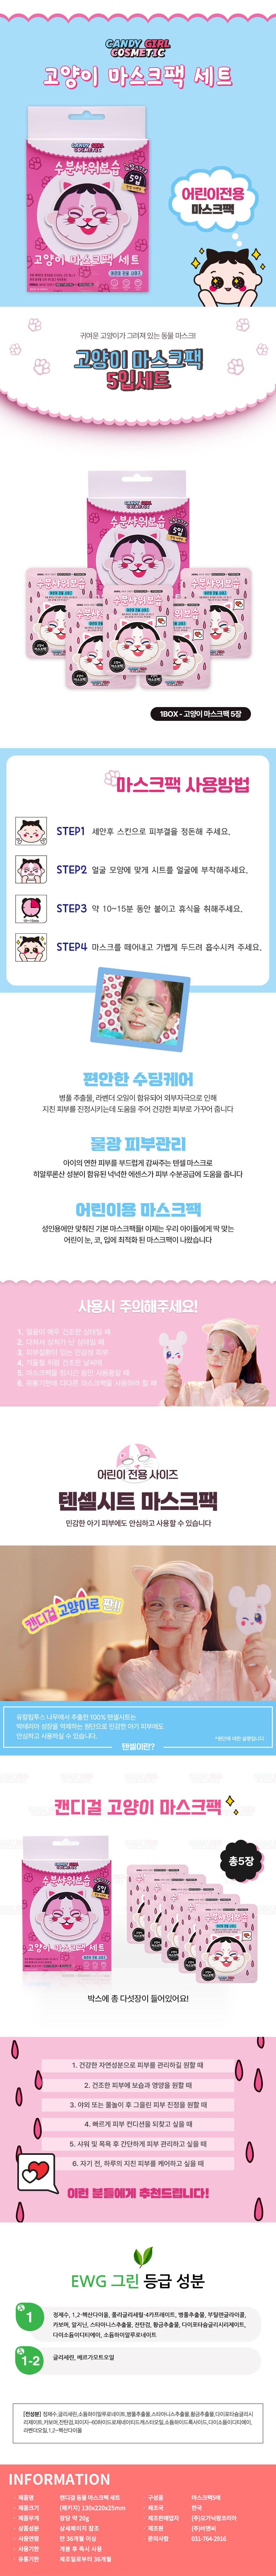 캔디걸 고양이마스크팩세트 5P - 비앤씨, 10,000원, 스킨케어, 스킨/로션/오일